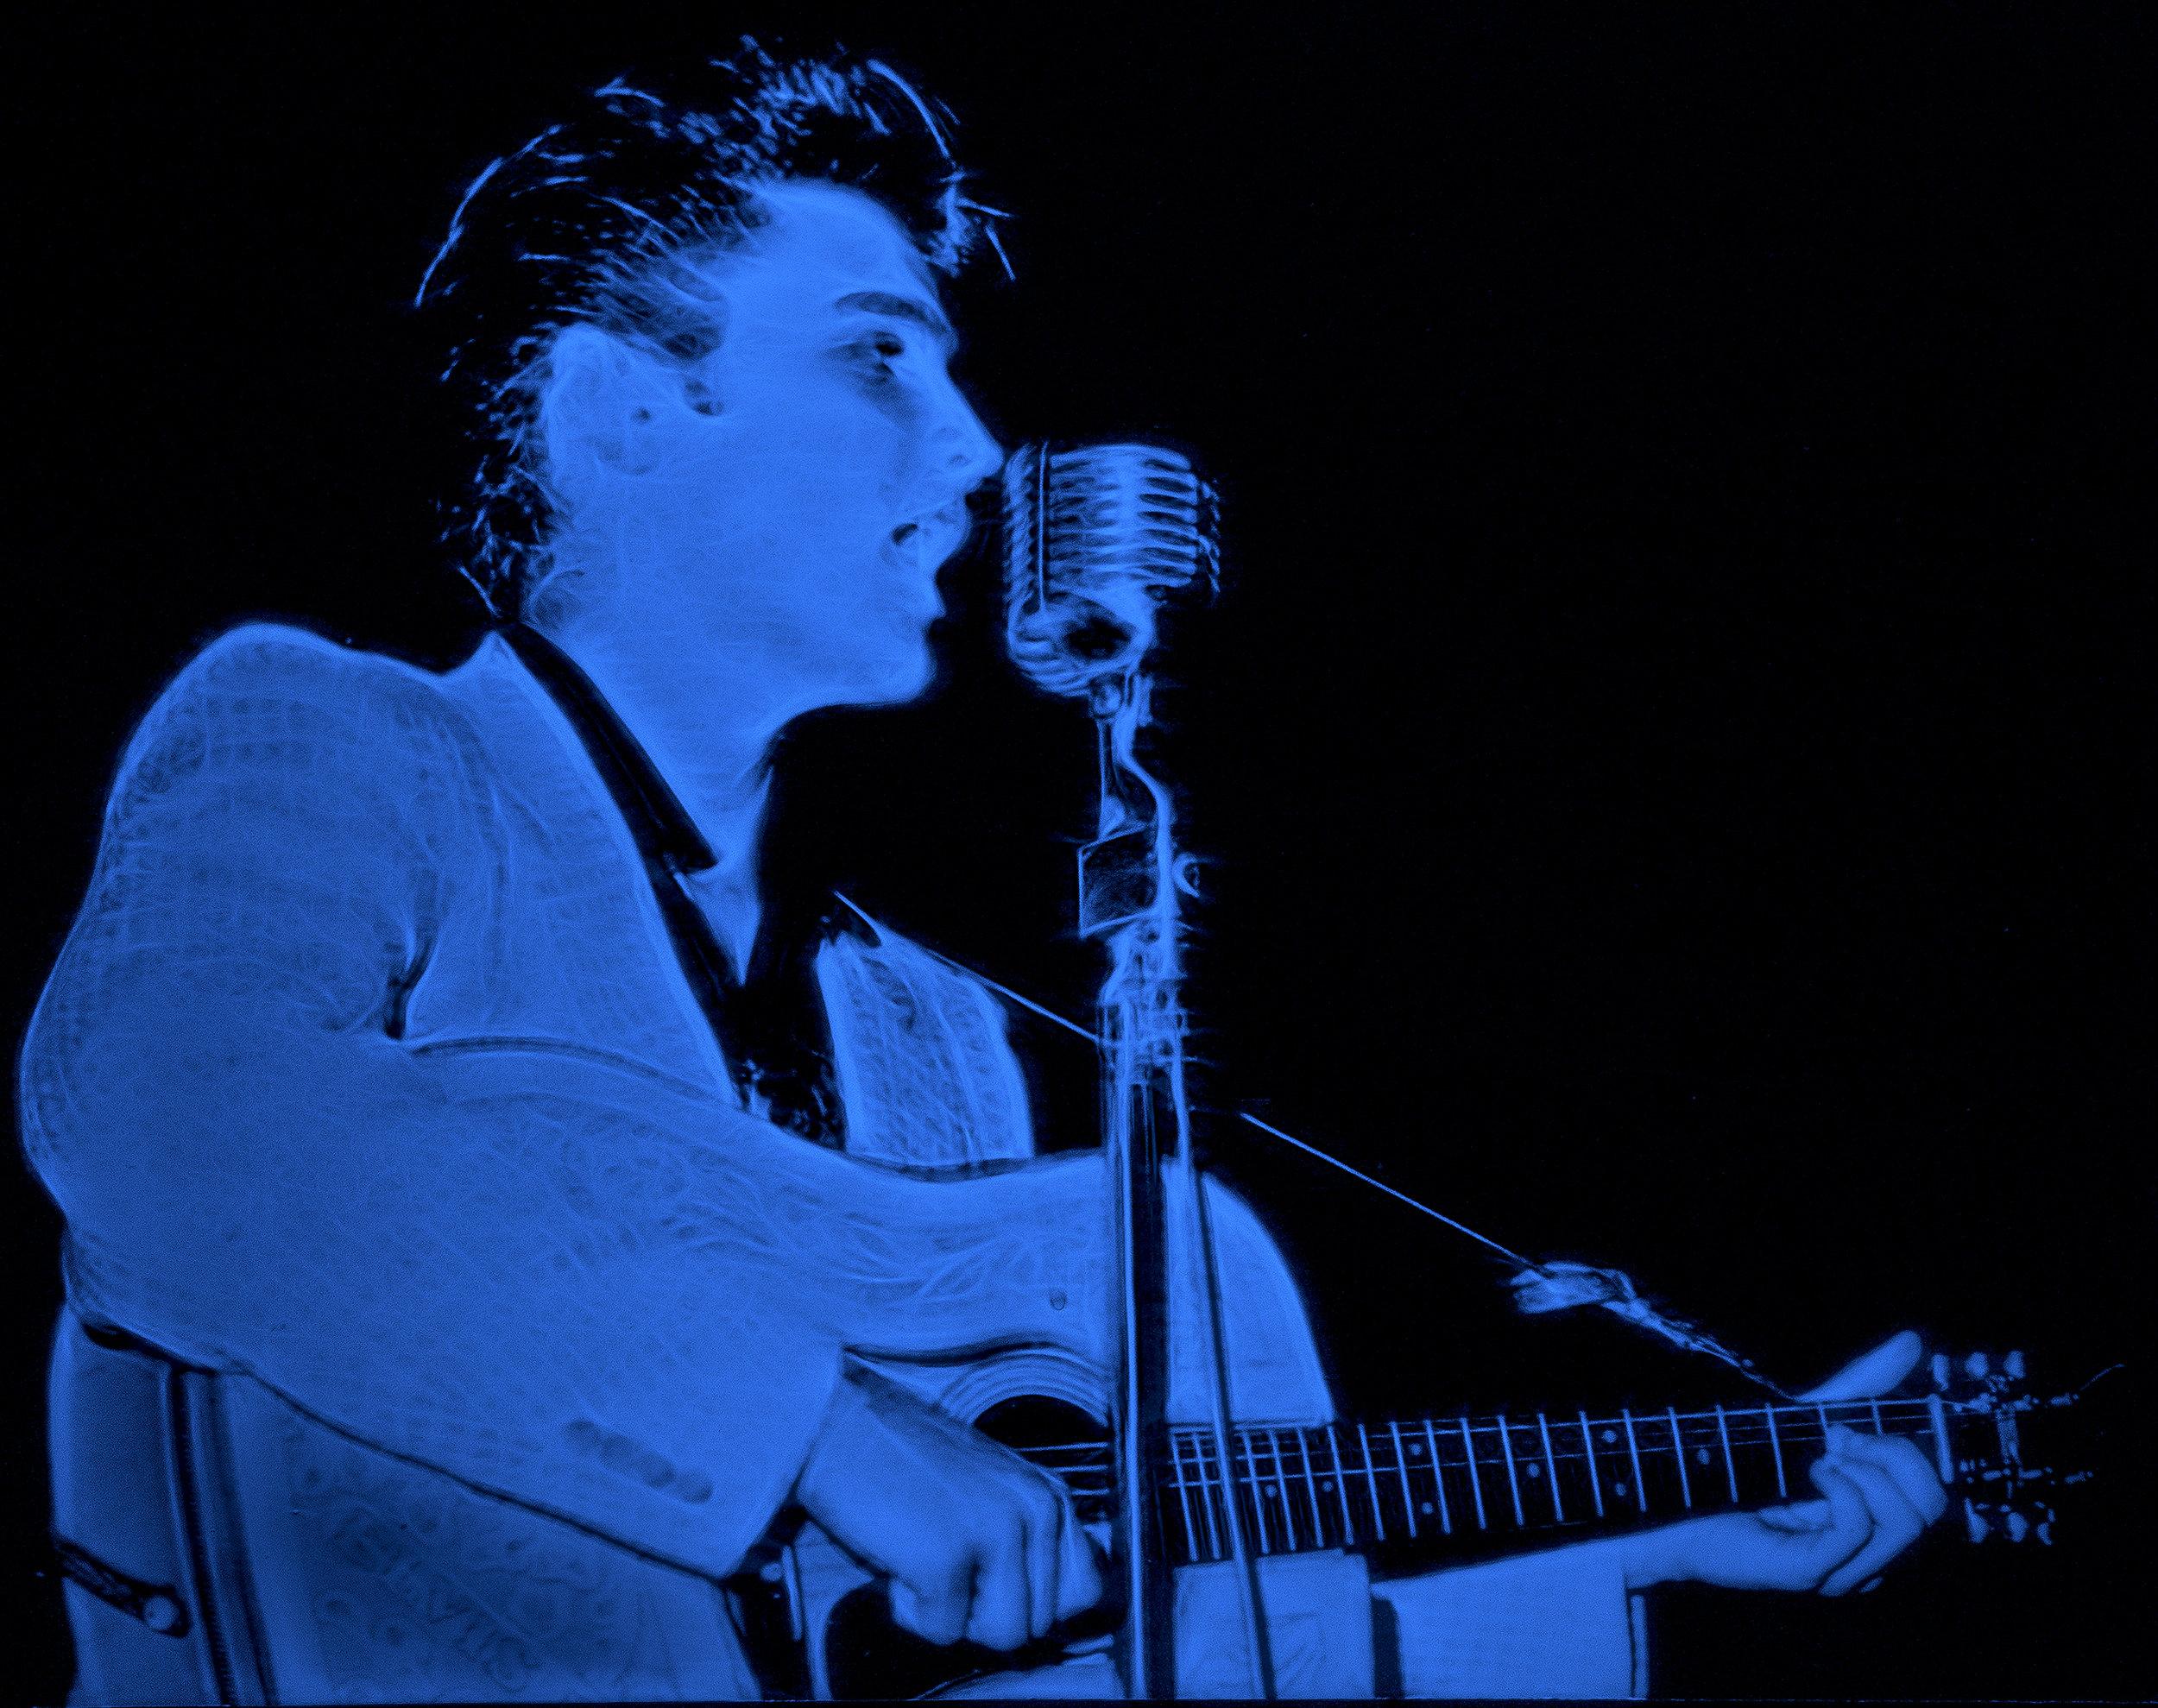 DSC05799 Elvis Stage Cropped Glow BLUE ELVIS W !.jpg